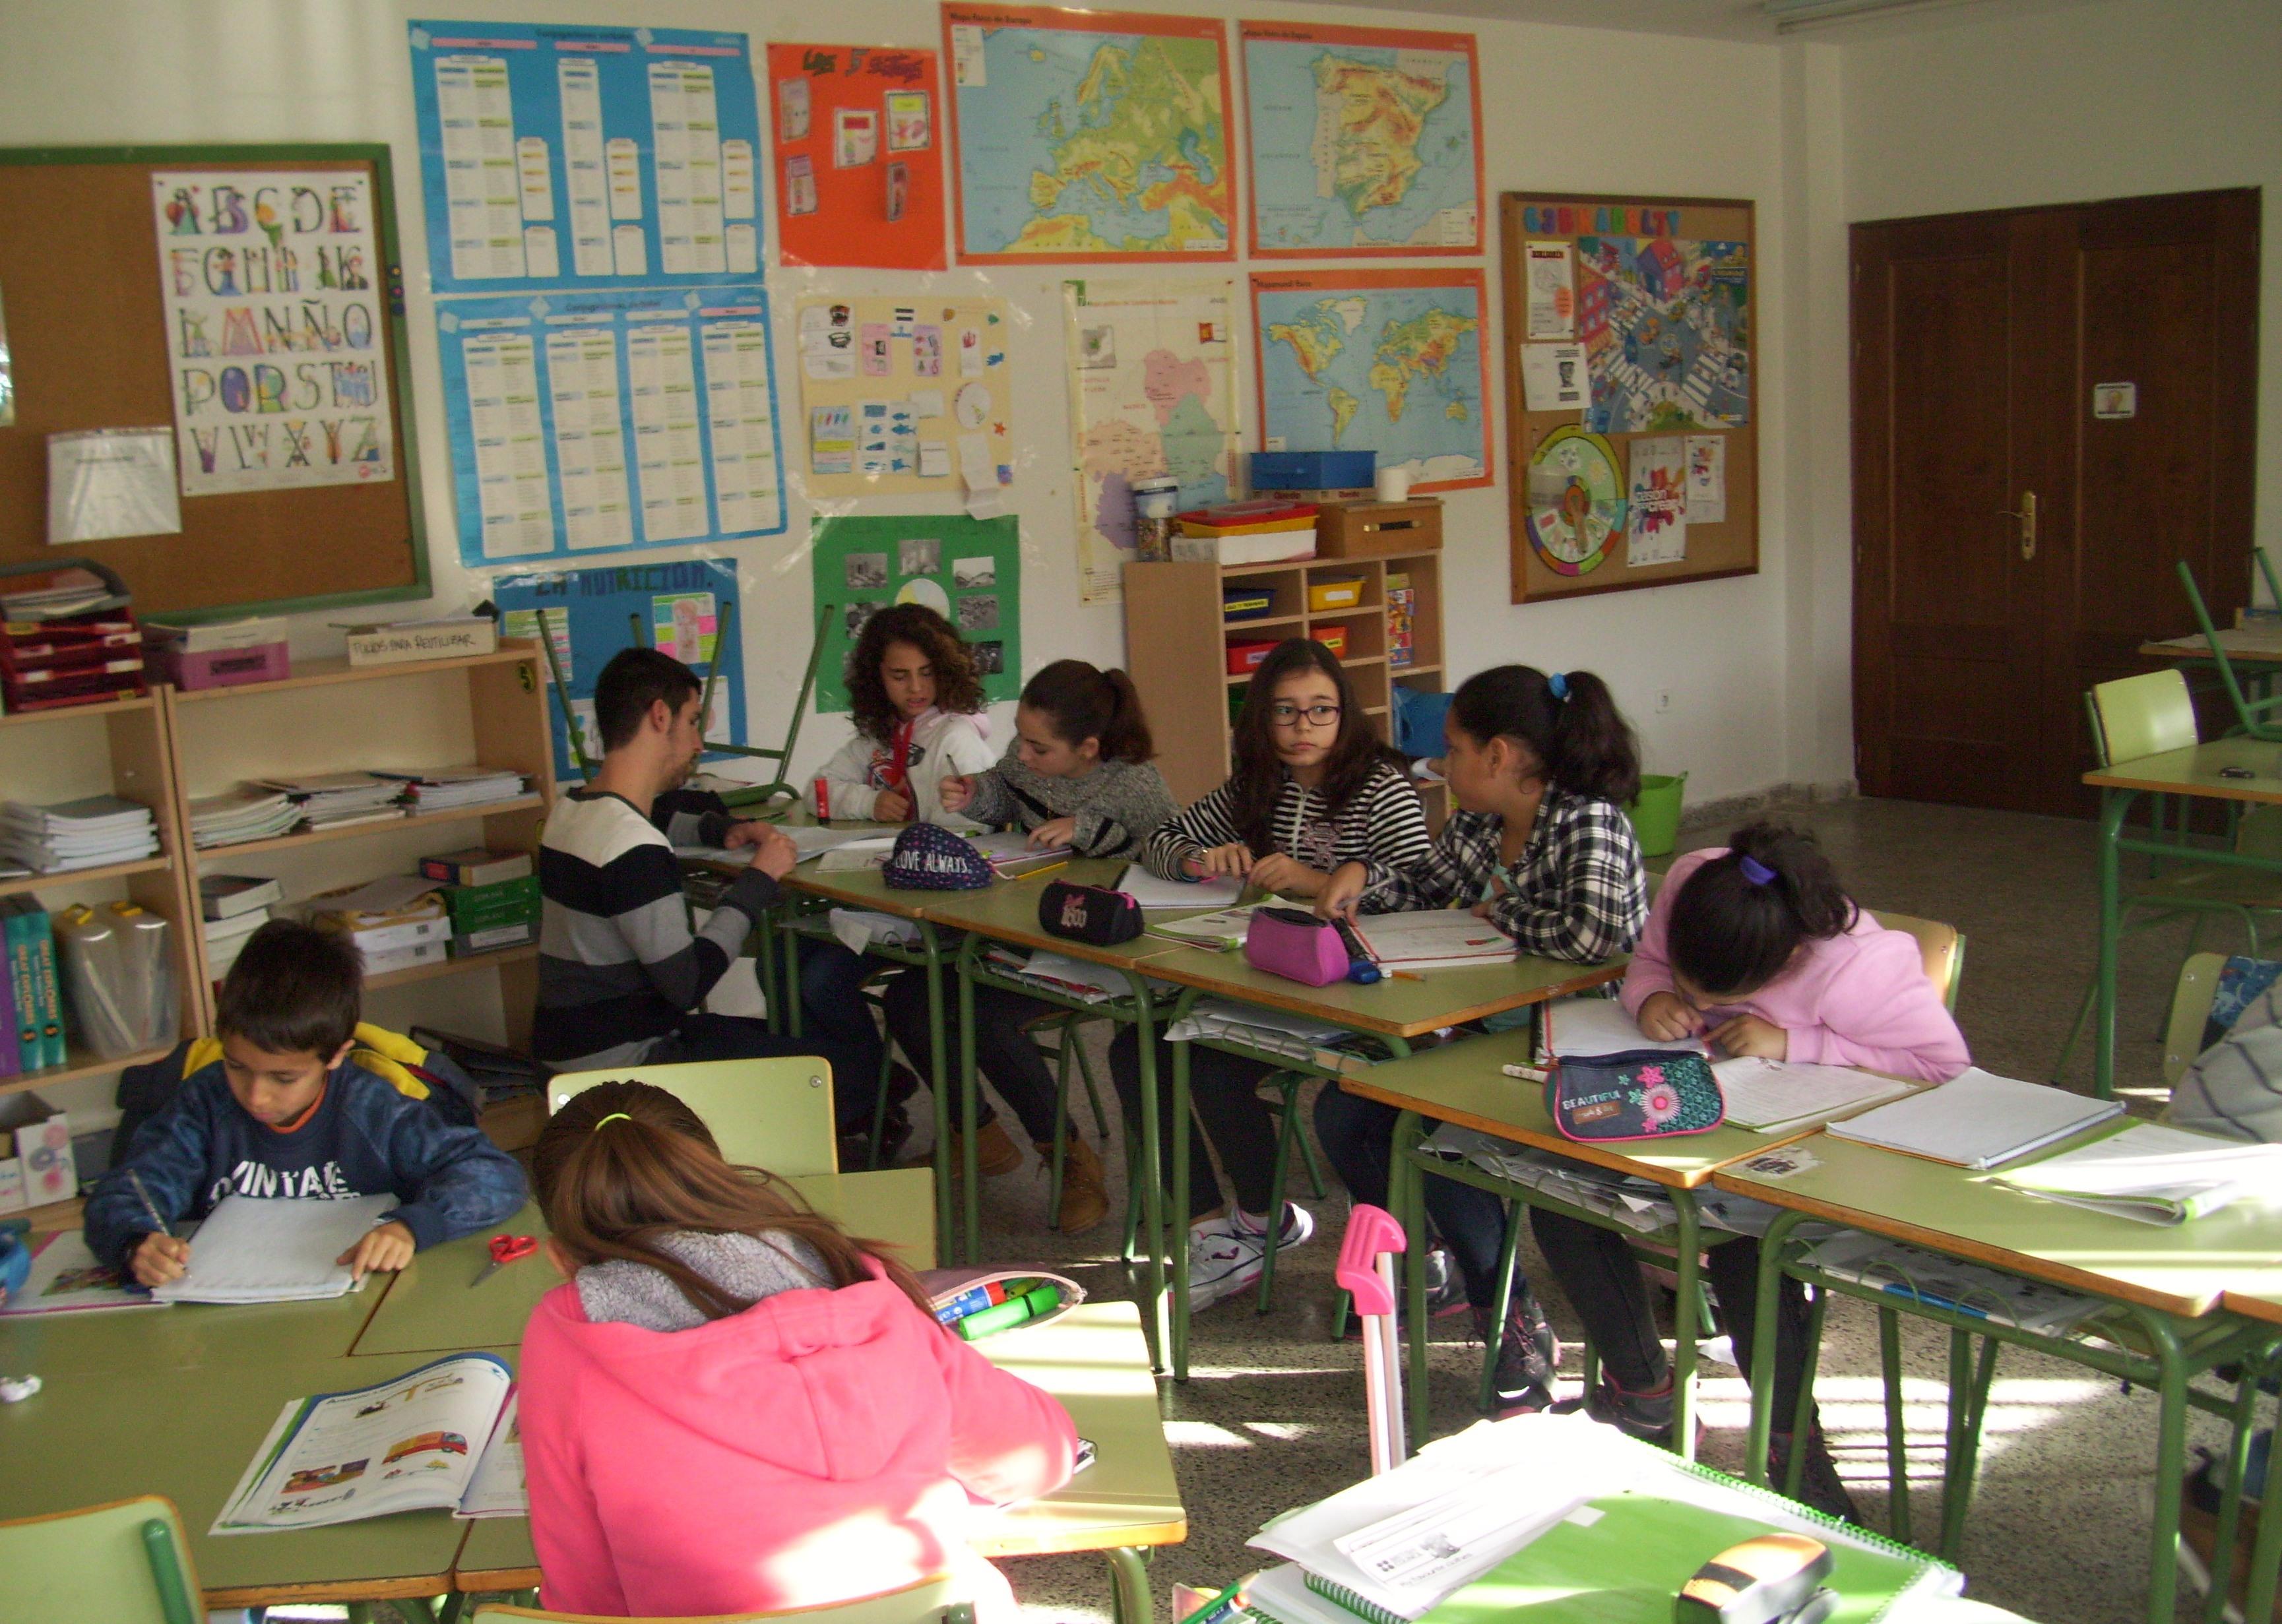 ¿Cómo es enseñar en un colegio rural?